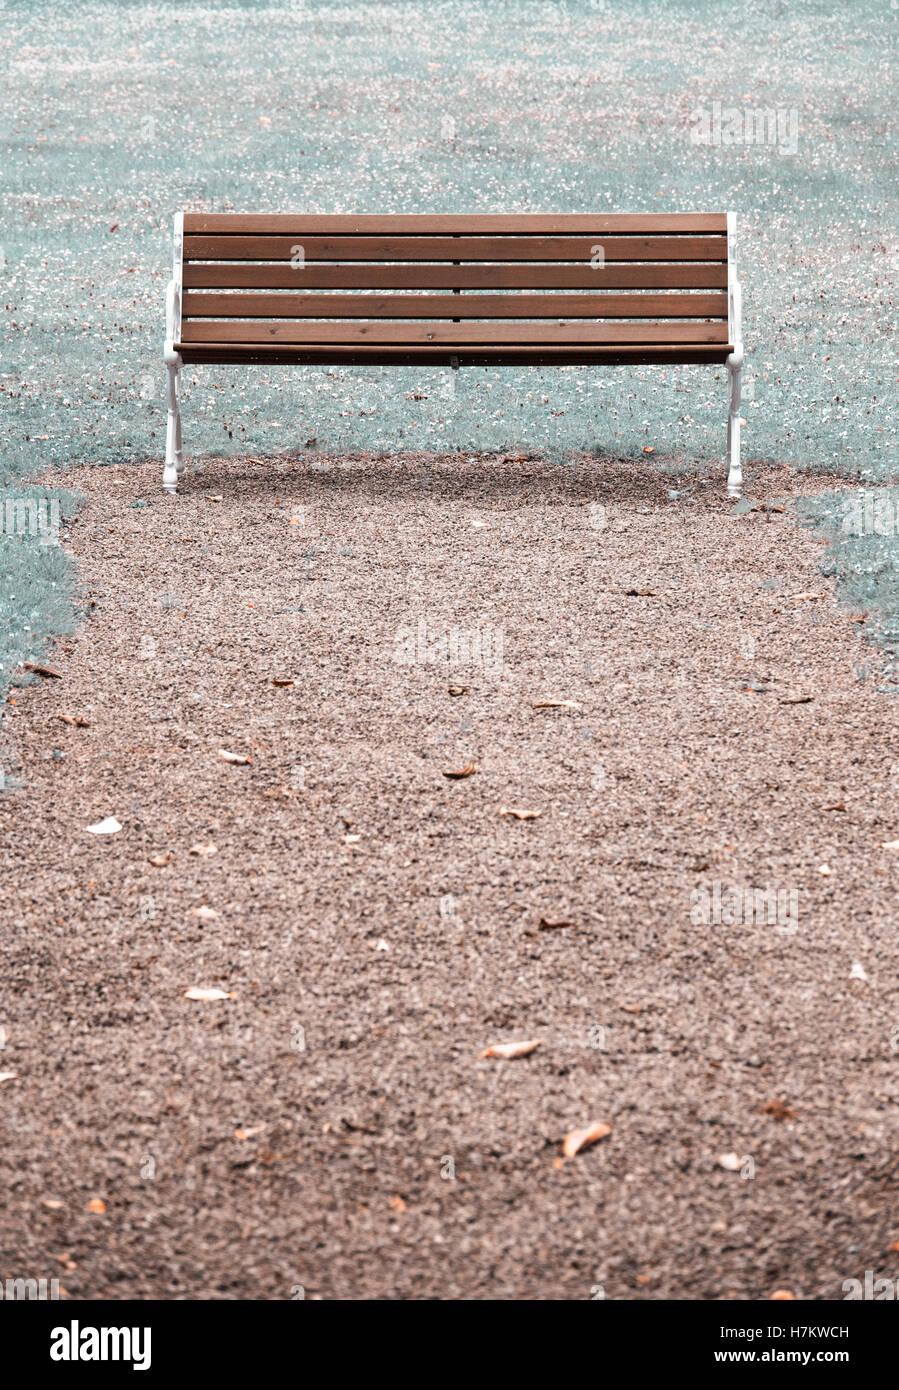 Banc de parc en bois vide. Concept d'absence, le vide et la tranquillité Banque D'Images